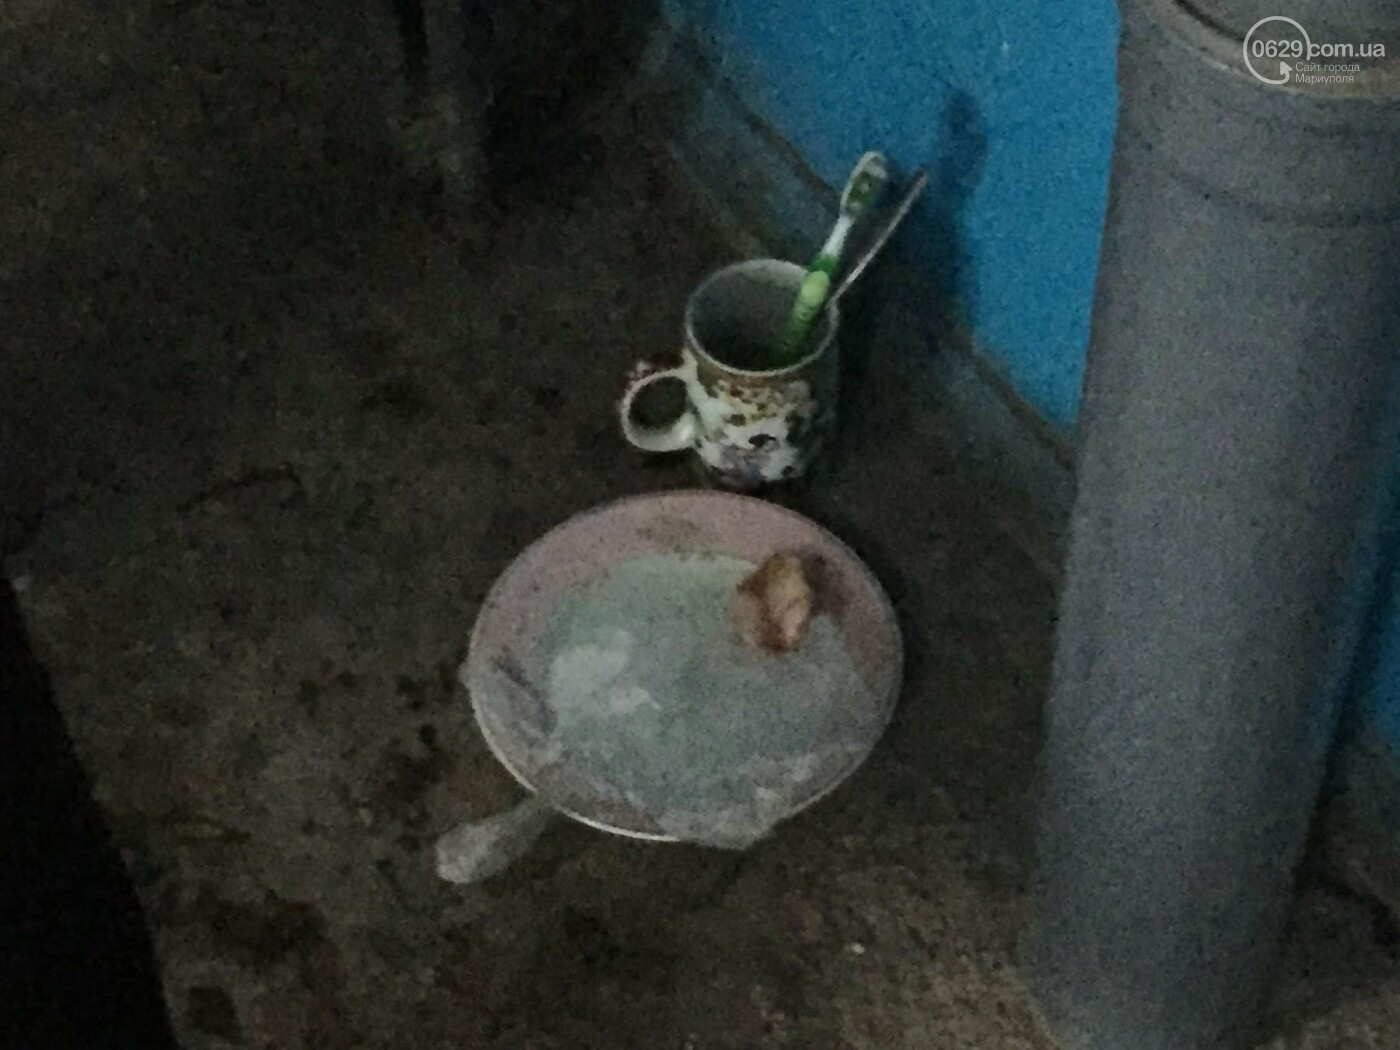 Гражданин Польши, живущий в подъезде, пугает жителей Левобережья, - ФОТО, ВИДЕО, фото-2